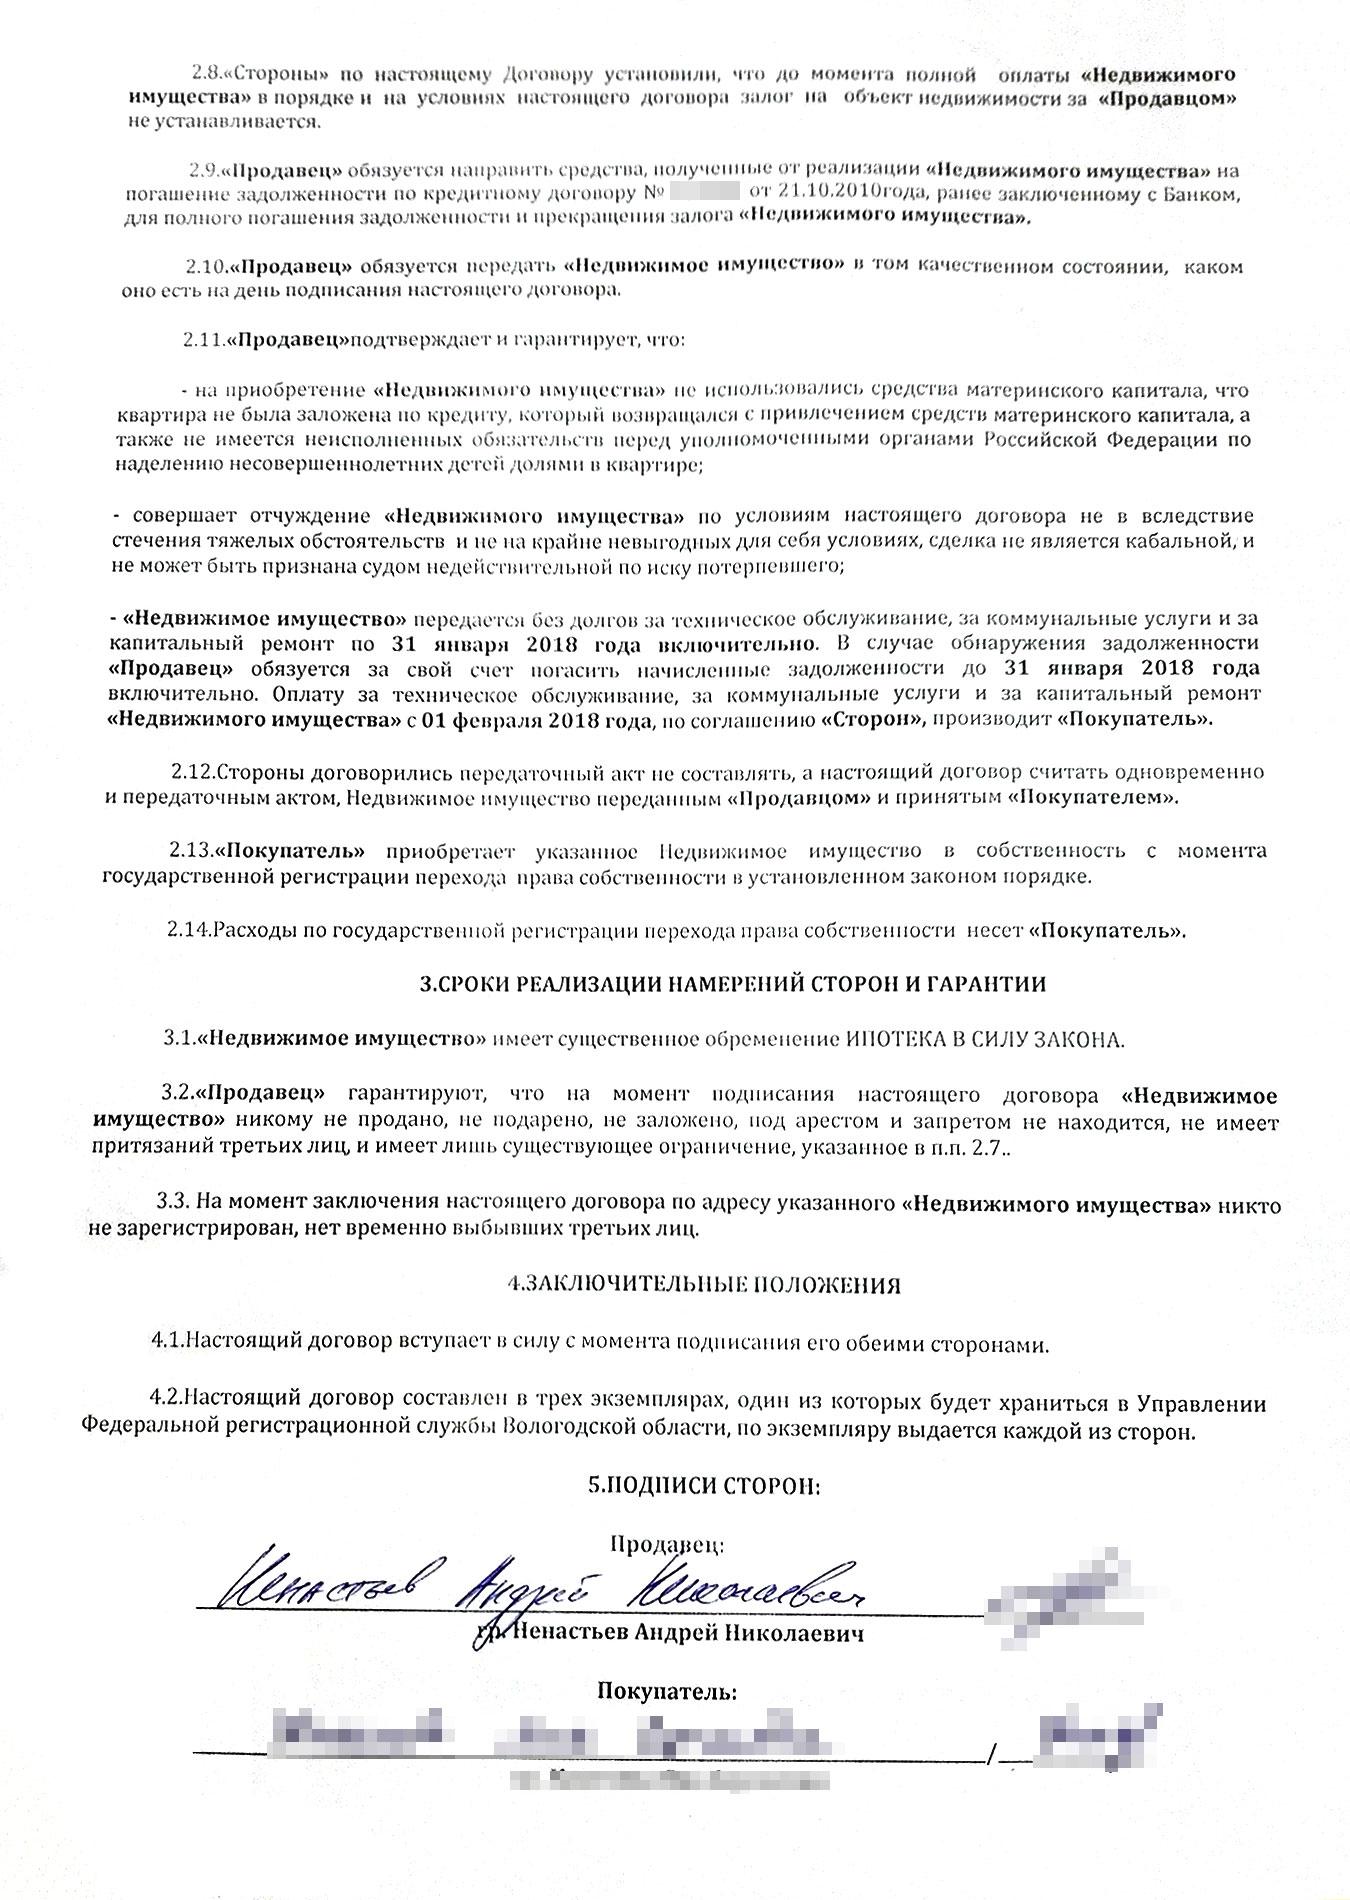 Схема перераспределения денег по двум ипотечным кредитам была описана прямо в договоре купли-продажи нашей квартиры